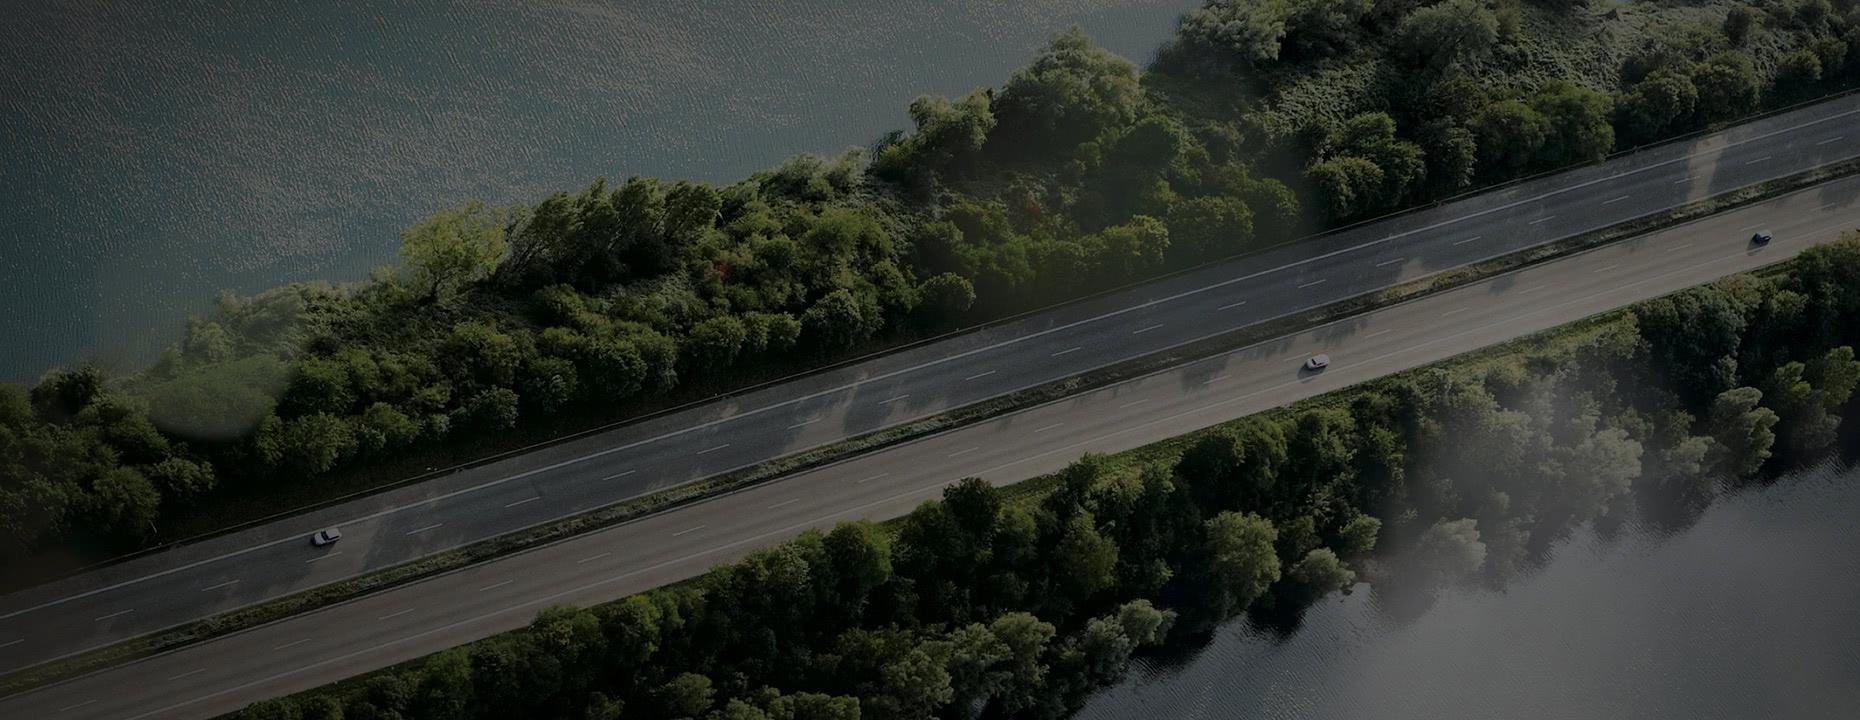 Новий Hyundai Santa Fe - за вигідними цінами | БУГ АВТО - фото 8